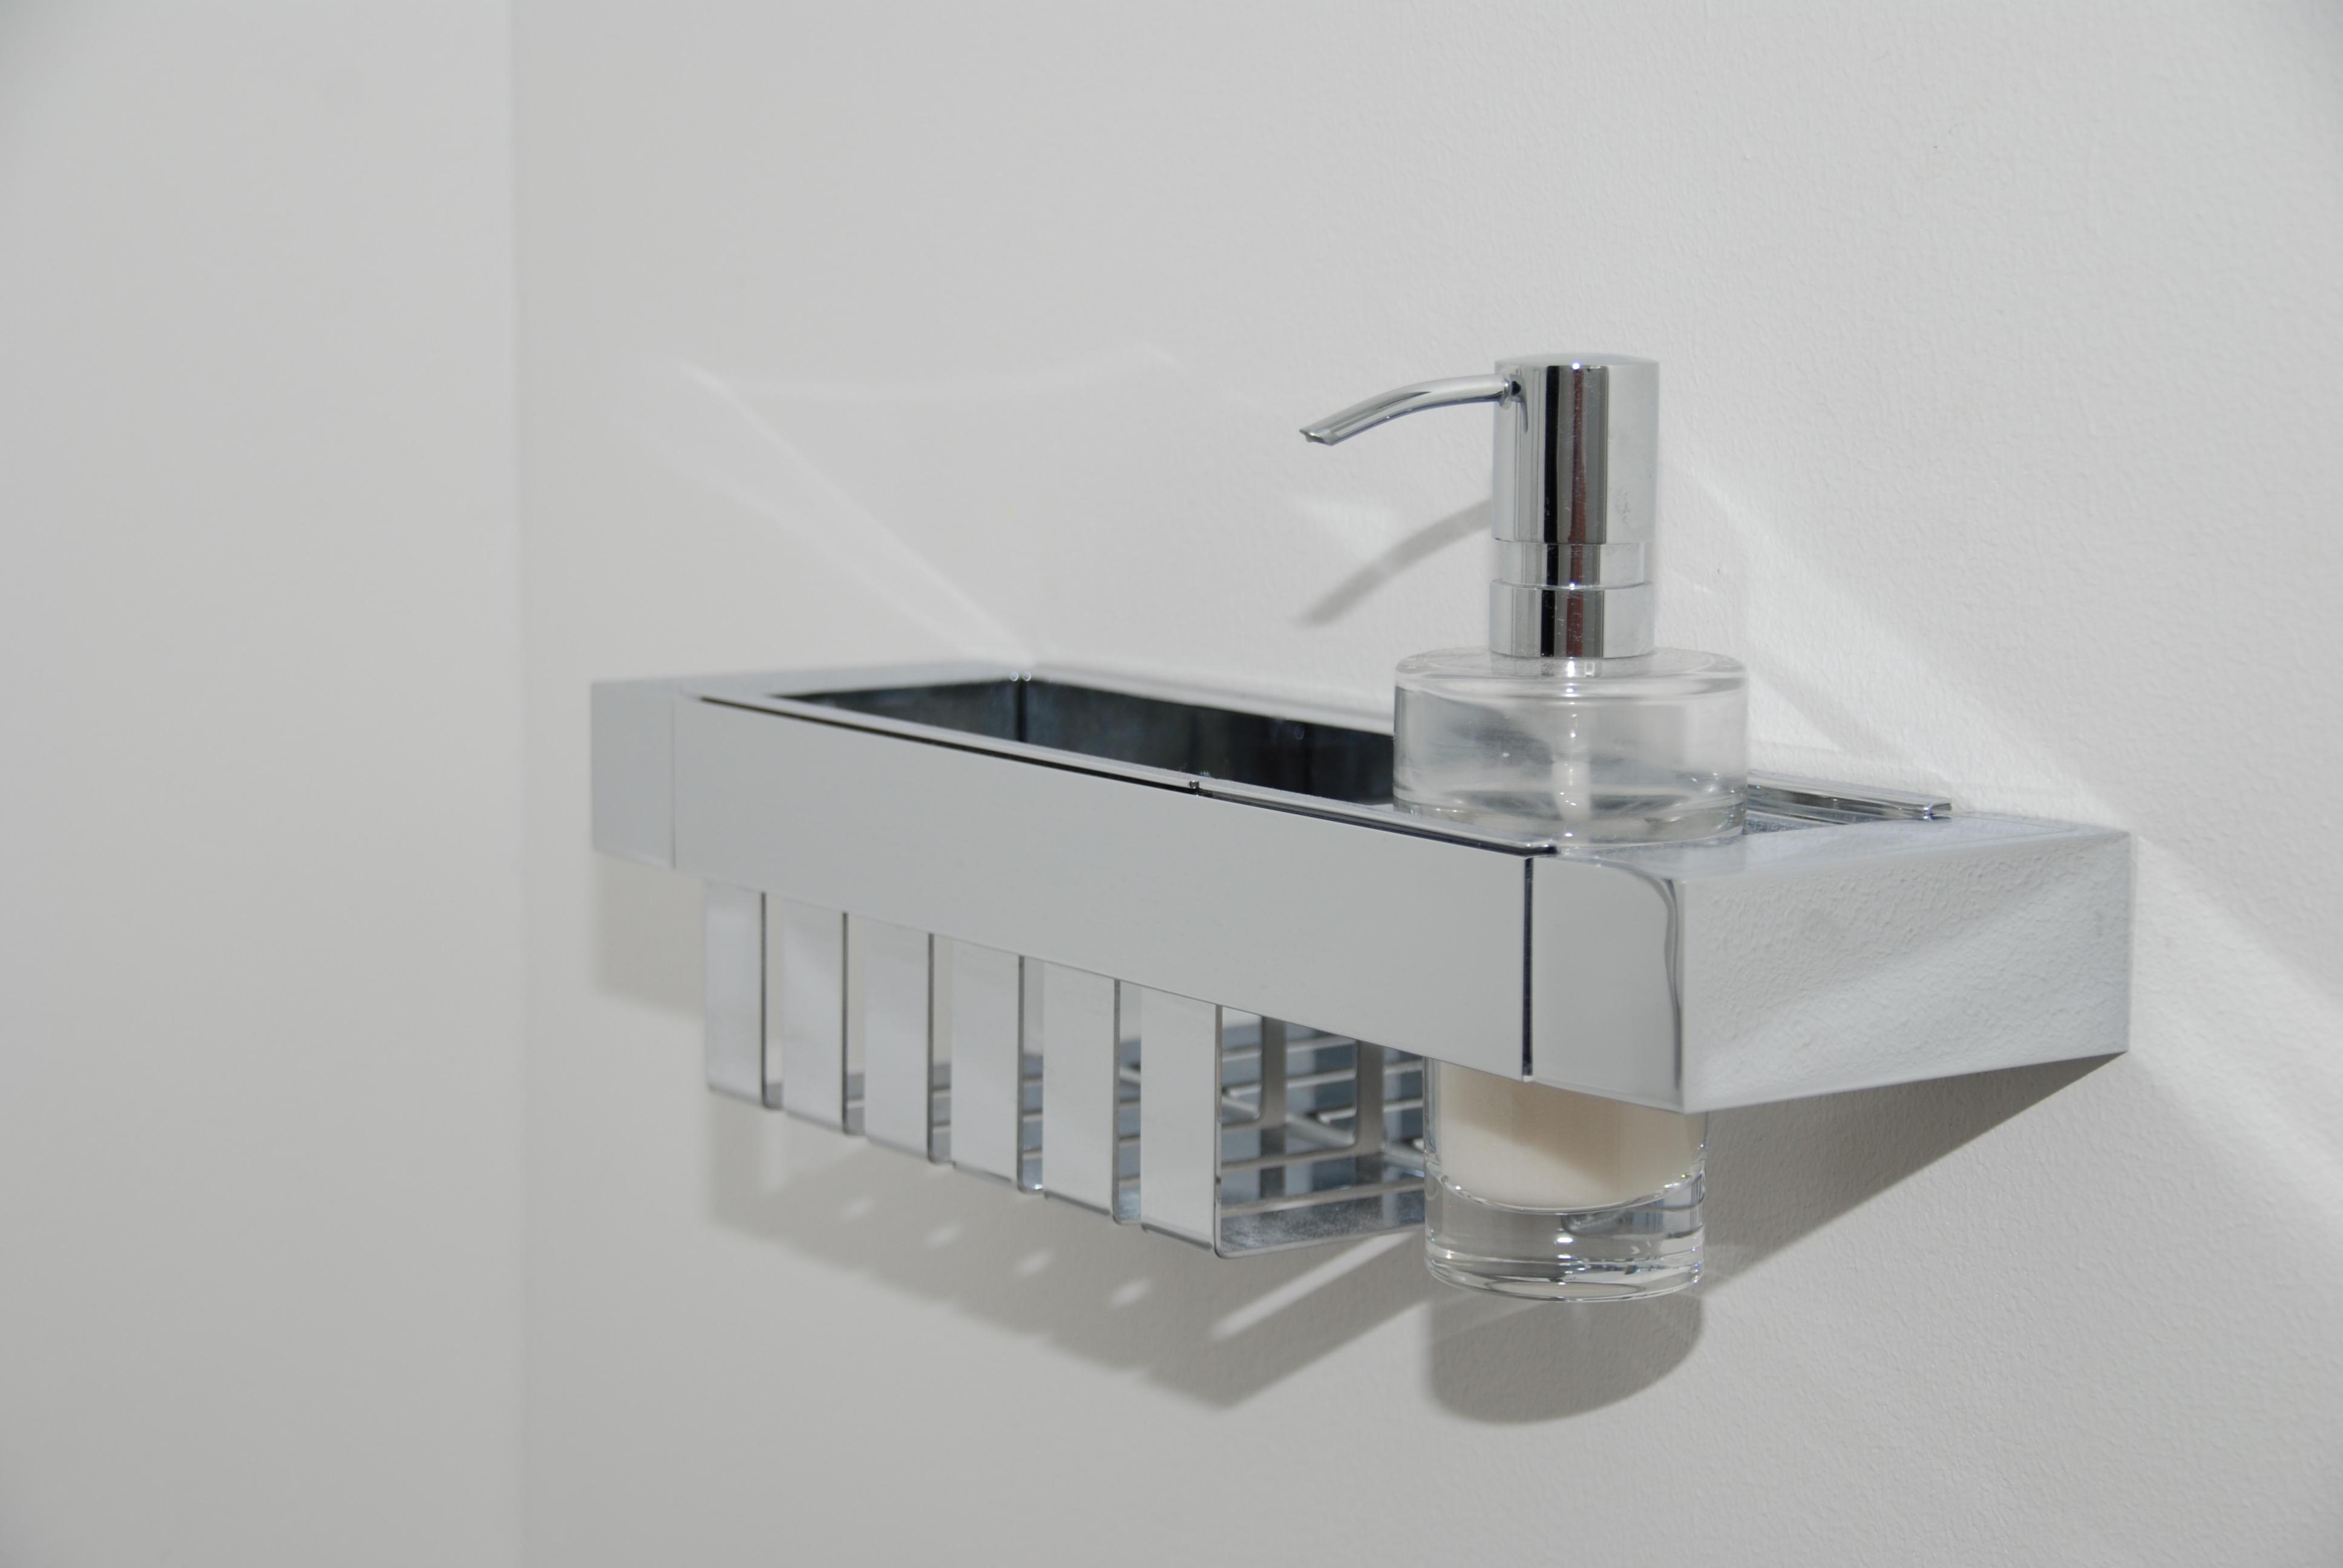 Railing m Korb und Seifenspender aus hochwertigem Messing und Kristallglas inkl. Montage und MwSt. a506,00€